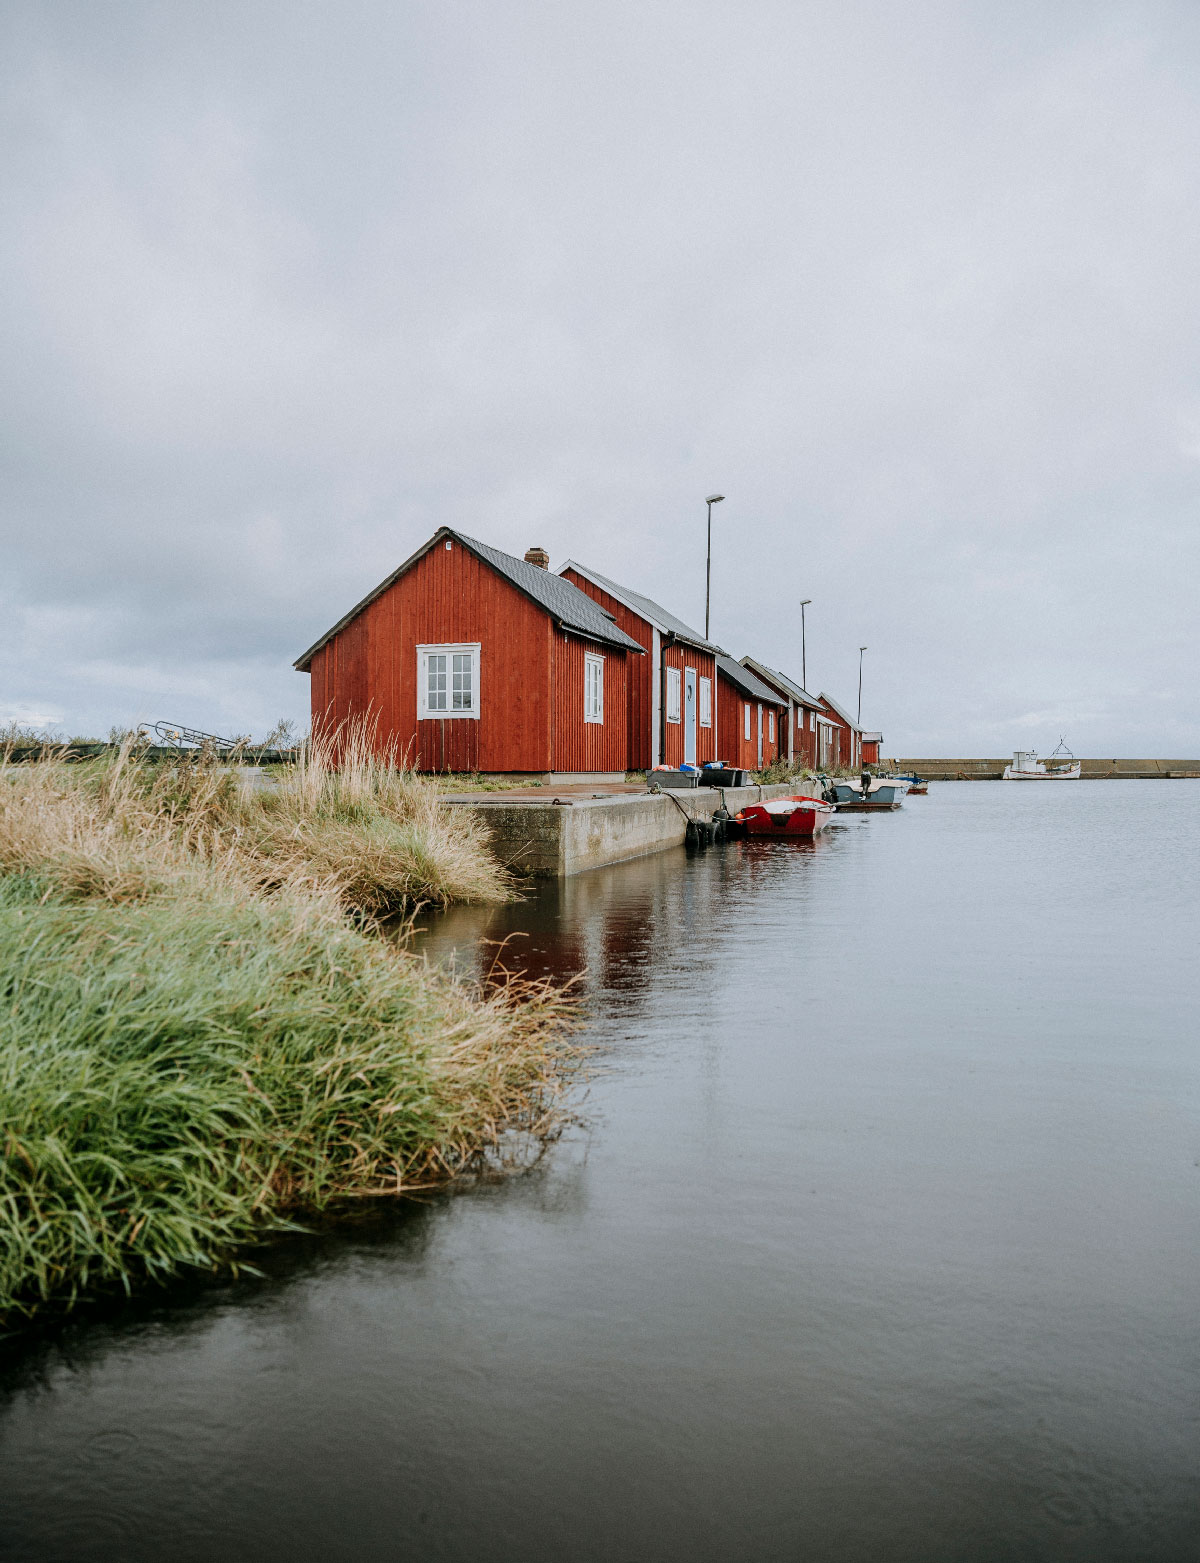 Gräsgårds fiskehamn på Öland